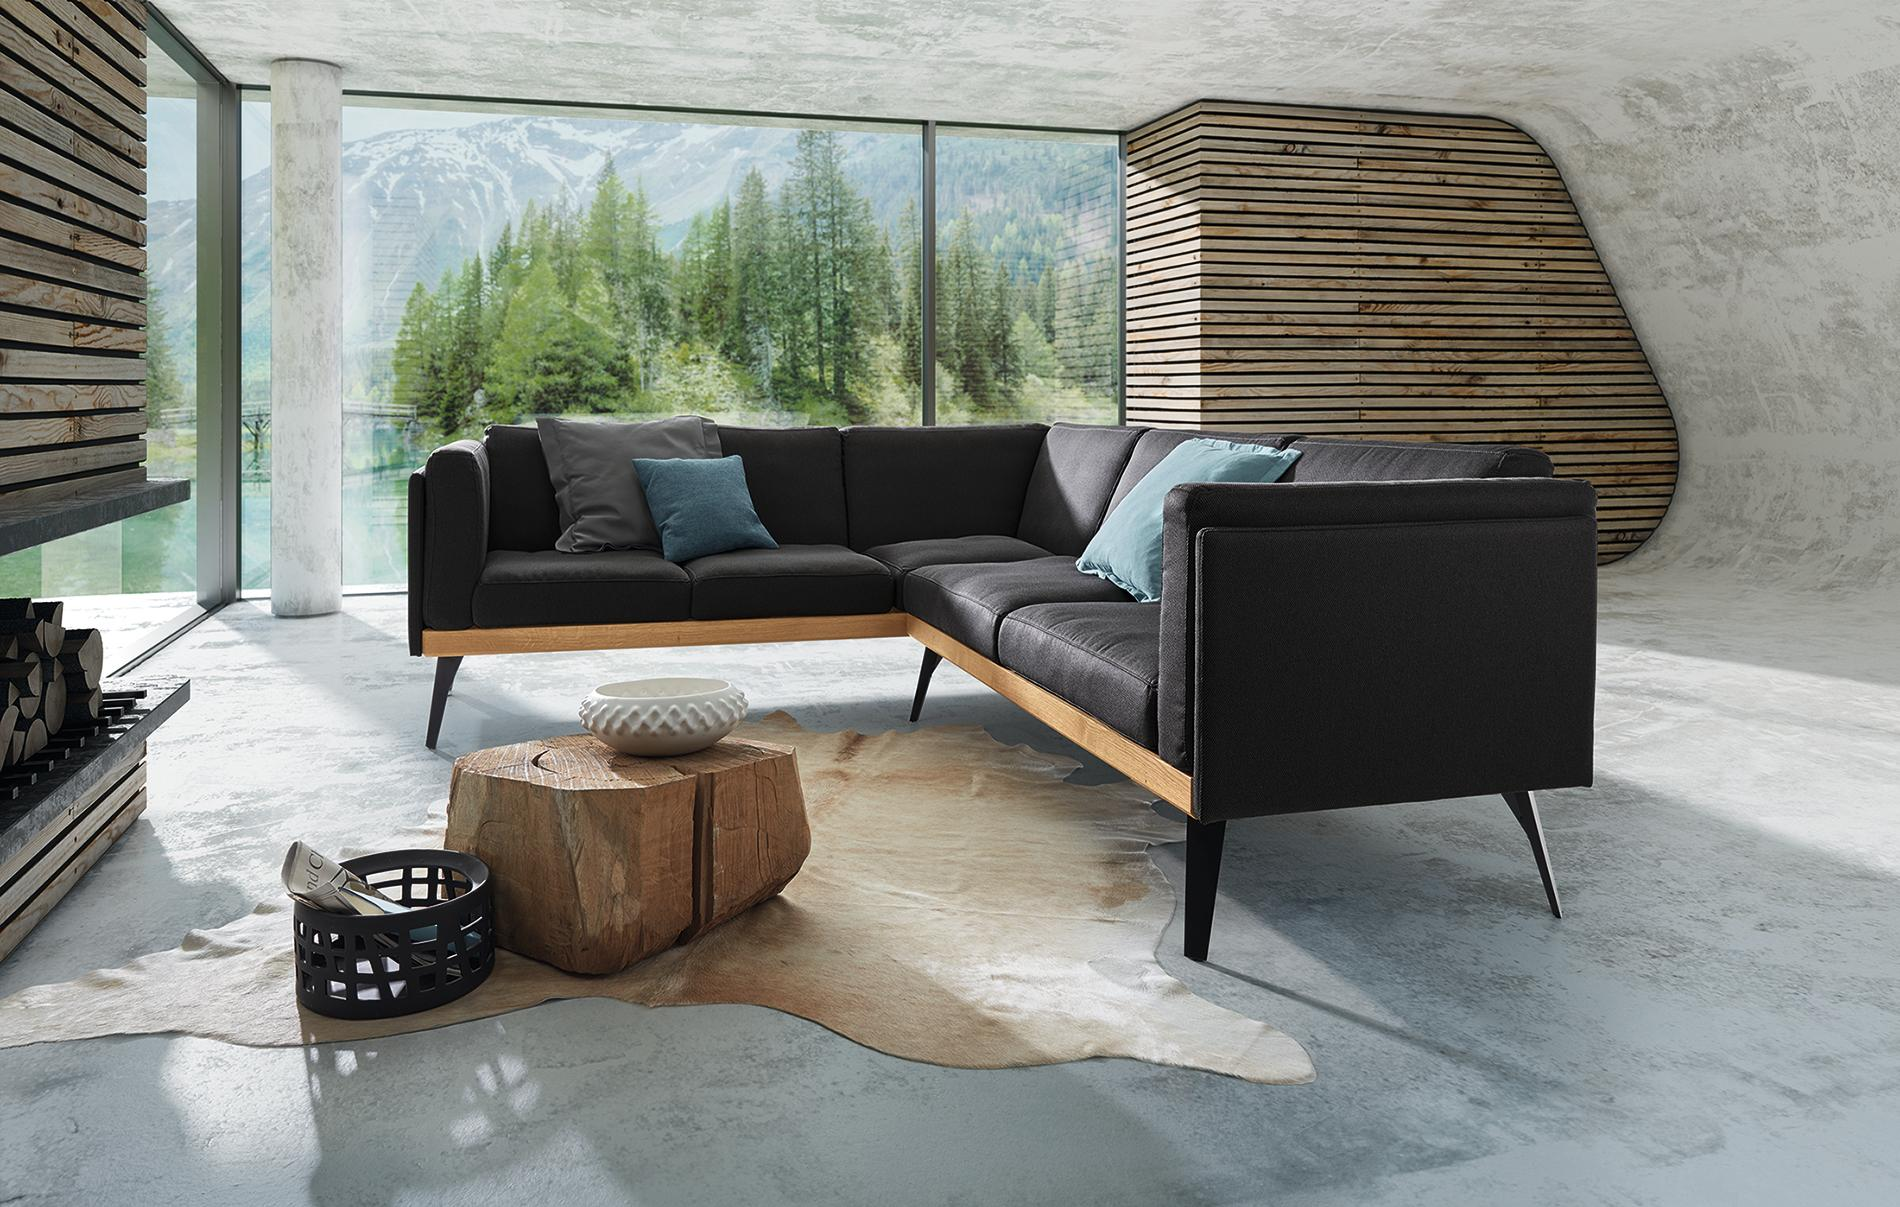 Wohnzimmergestaltung Ideen Fur Dein Zuhause Bei Couch